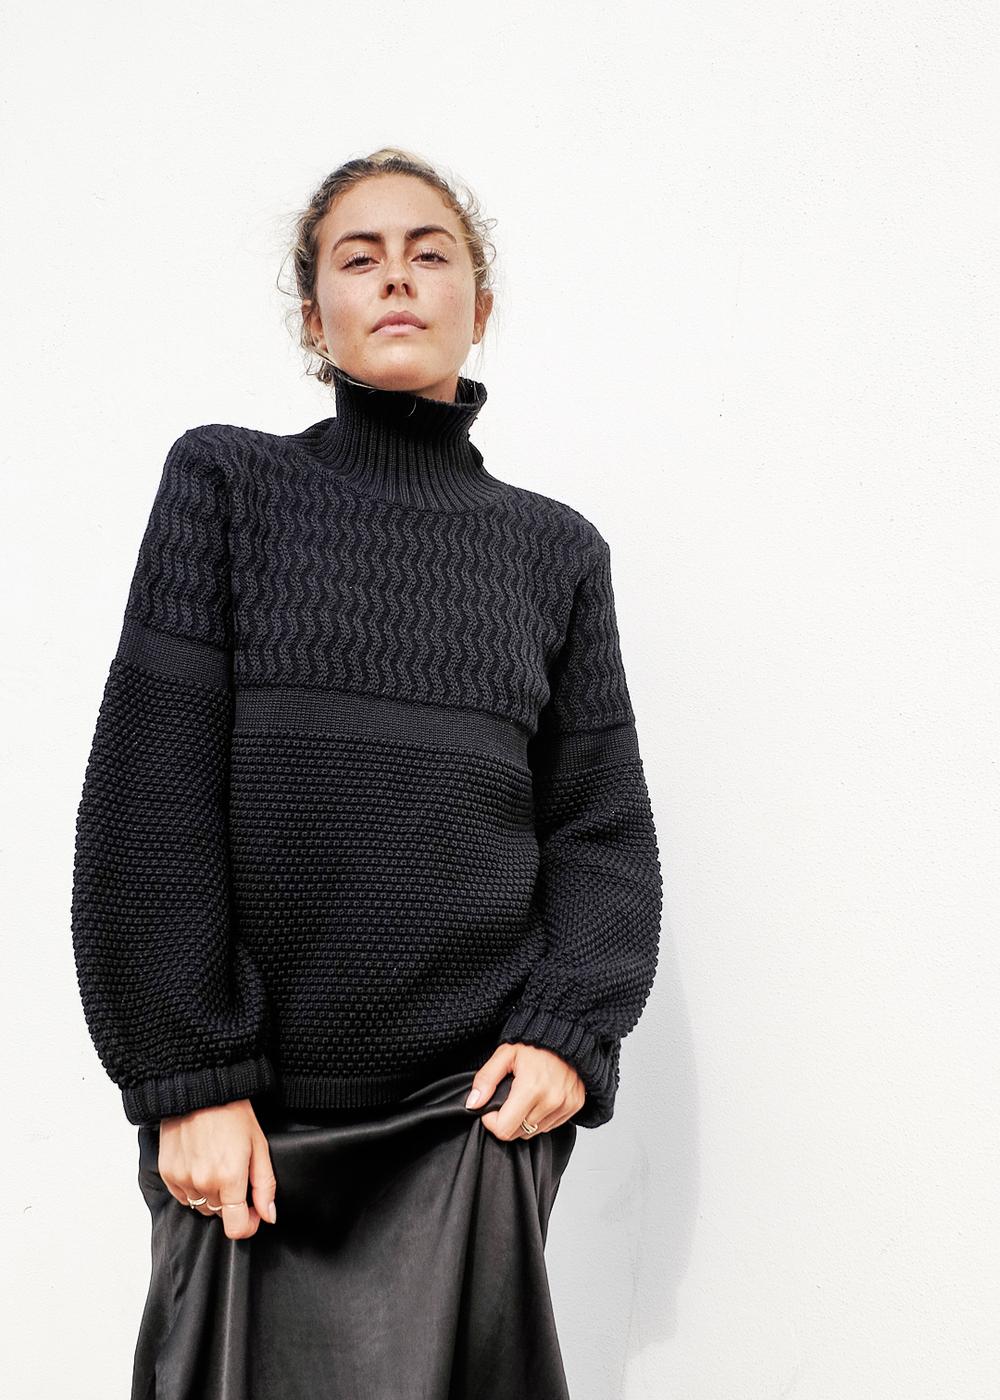 Australian Made, 100% Australian Merino Wool, Woolmark Company certified knitwear. Image: Georgia Storay